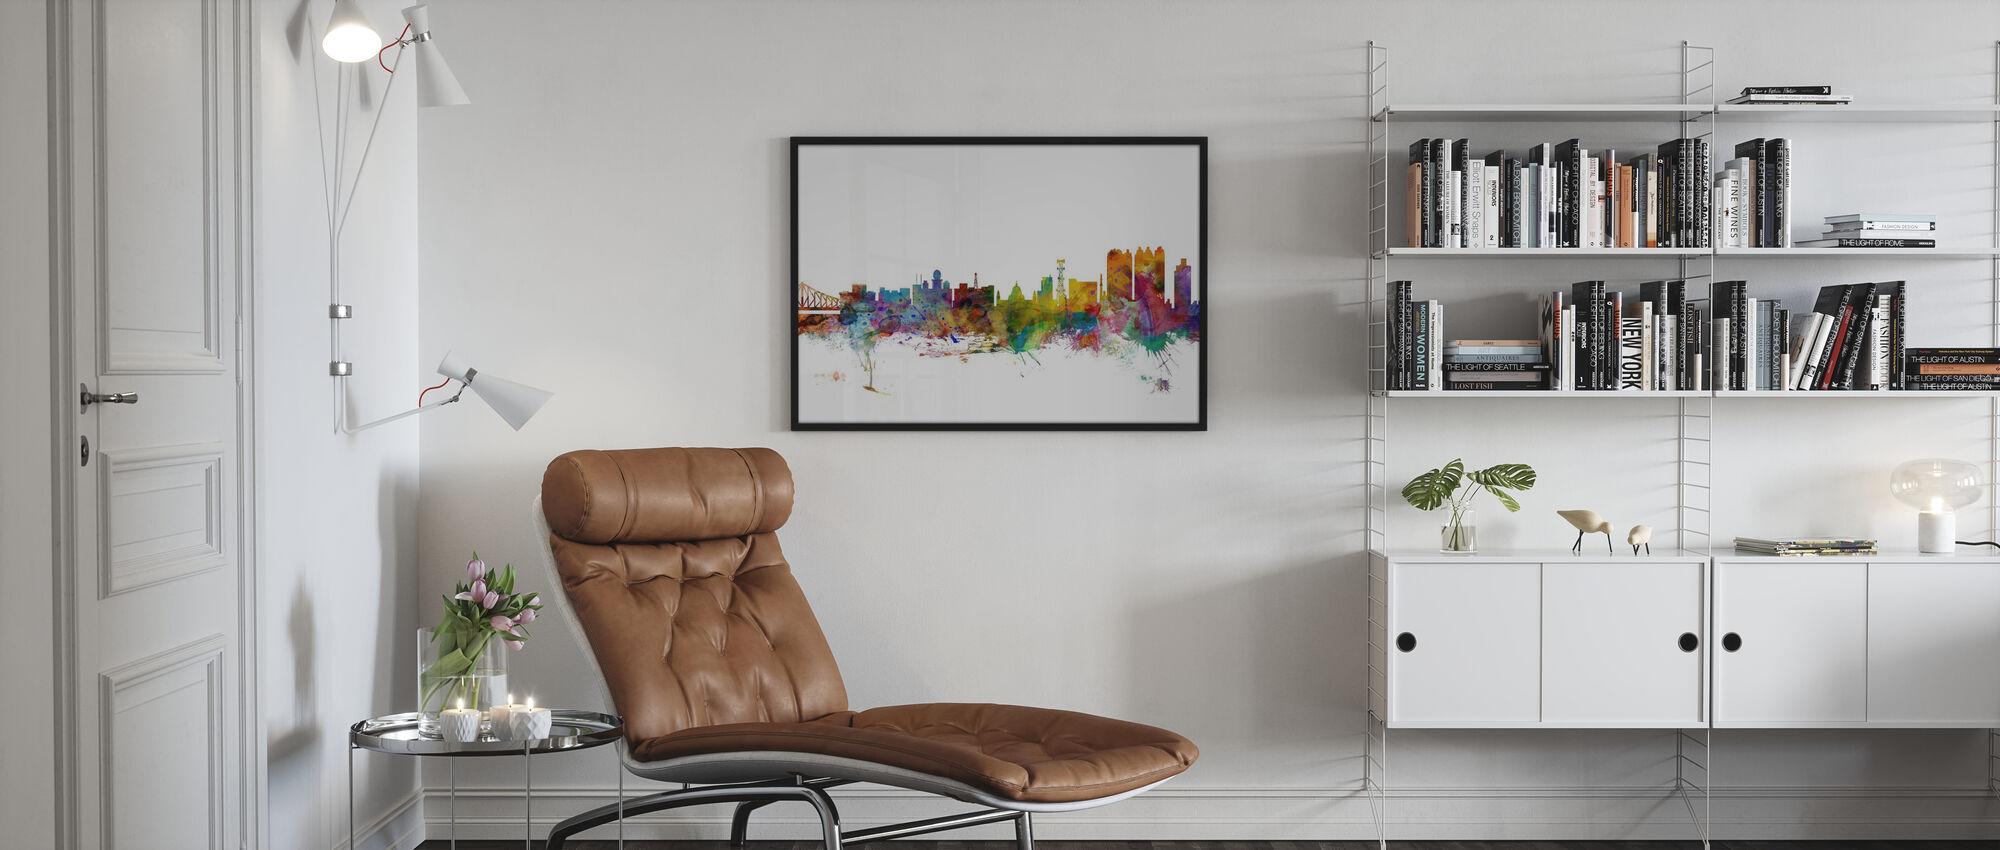 Calcutta (Kolkata) India Skyline - Poster - Living Room